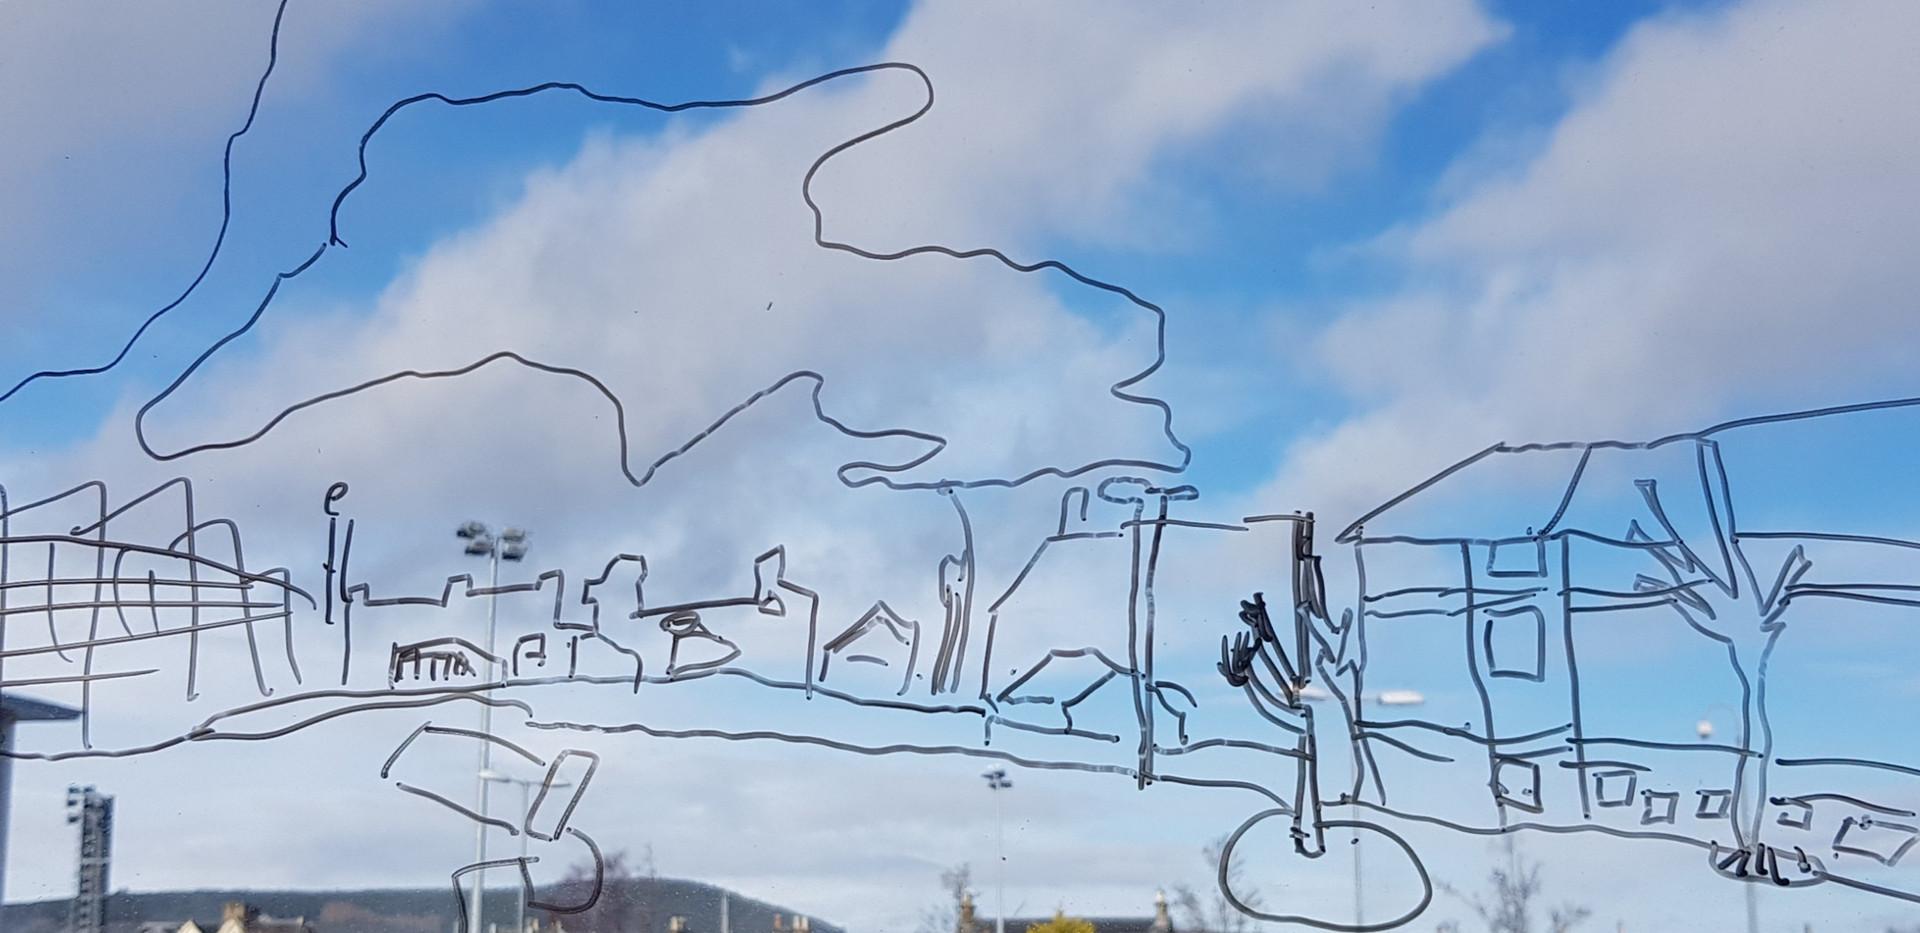 Drawing on school window